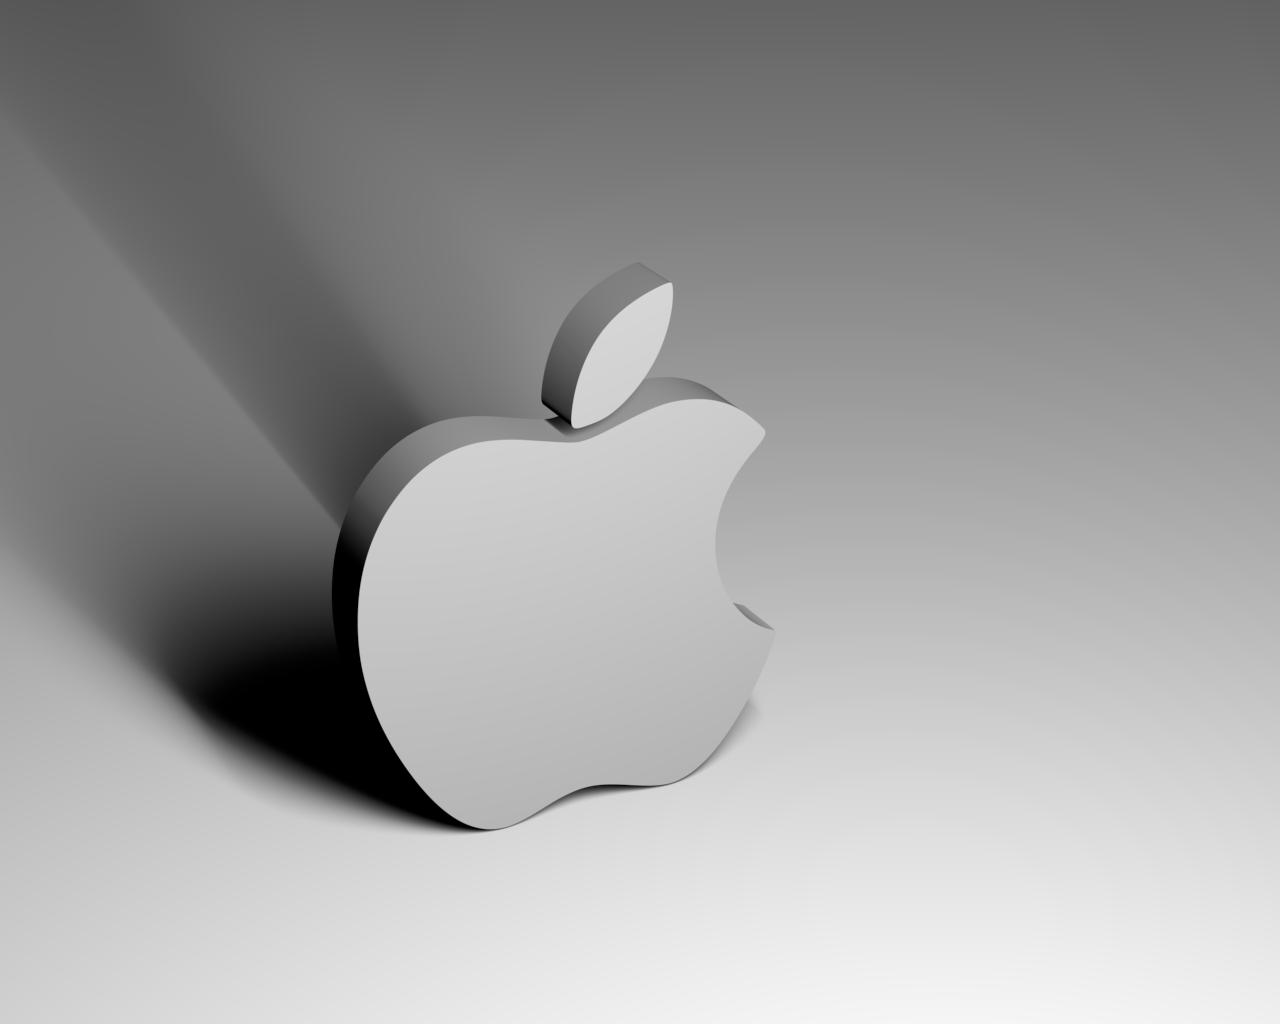 official apple logo png. jauh sebelum menjadi bentuk yang sekarang ini, logo apple mengalami beberapa kali perubahan. pertama didesain pada tahun 1976 oleh ronald wayne. official png .